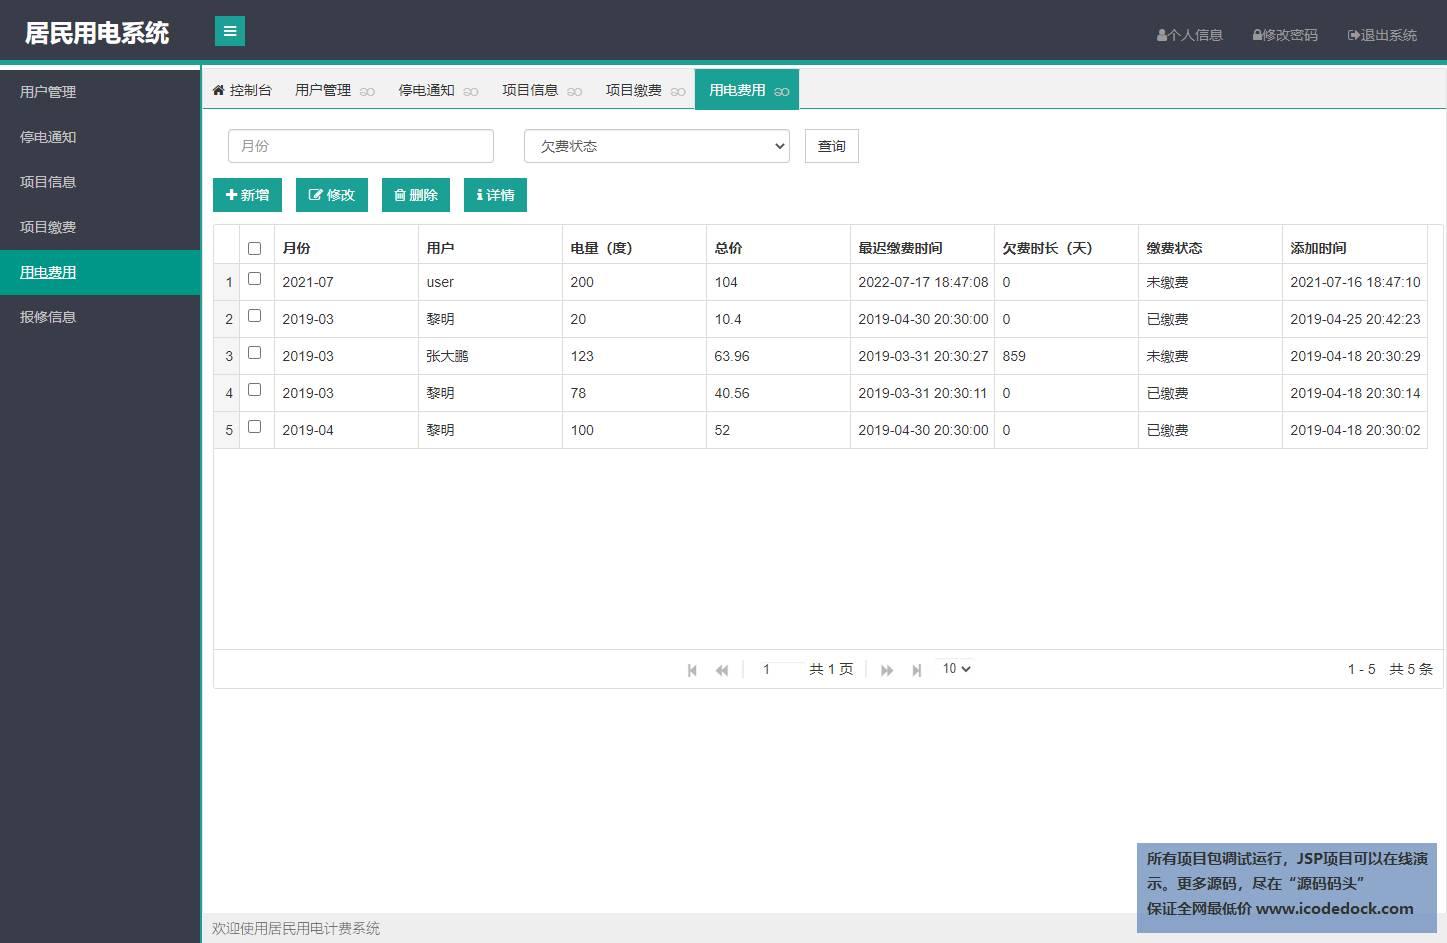 源码码头-SSM居民用电计费管理系统-管理员角色-用电费用管理